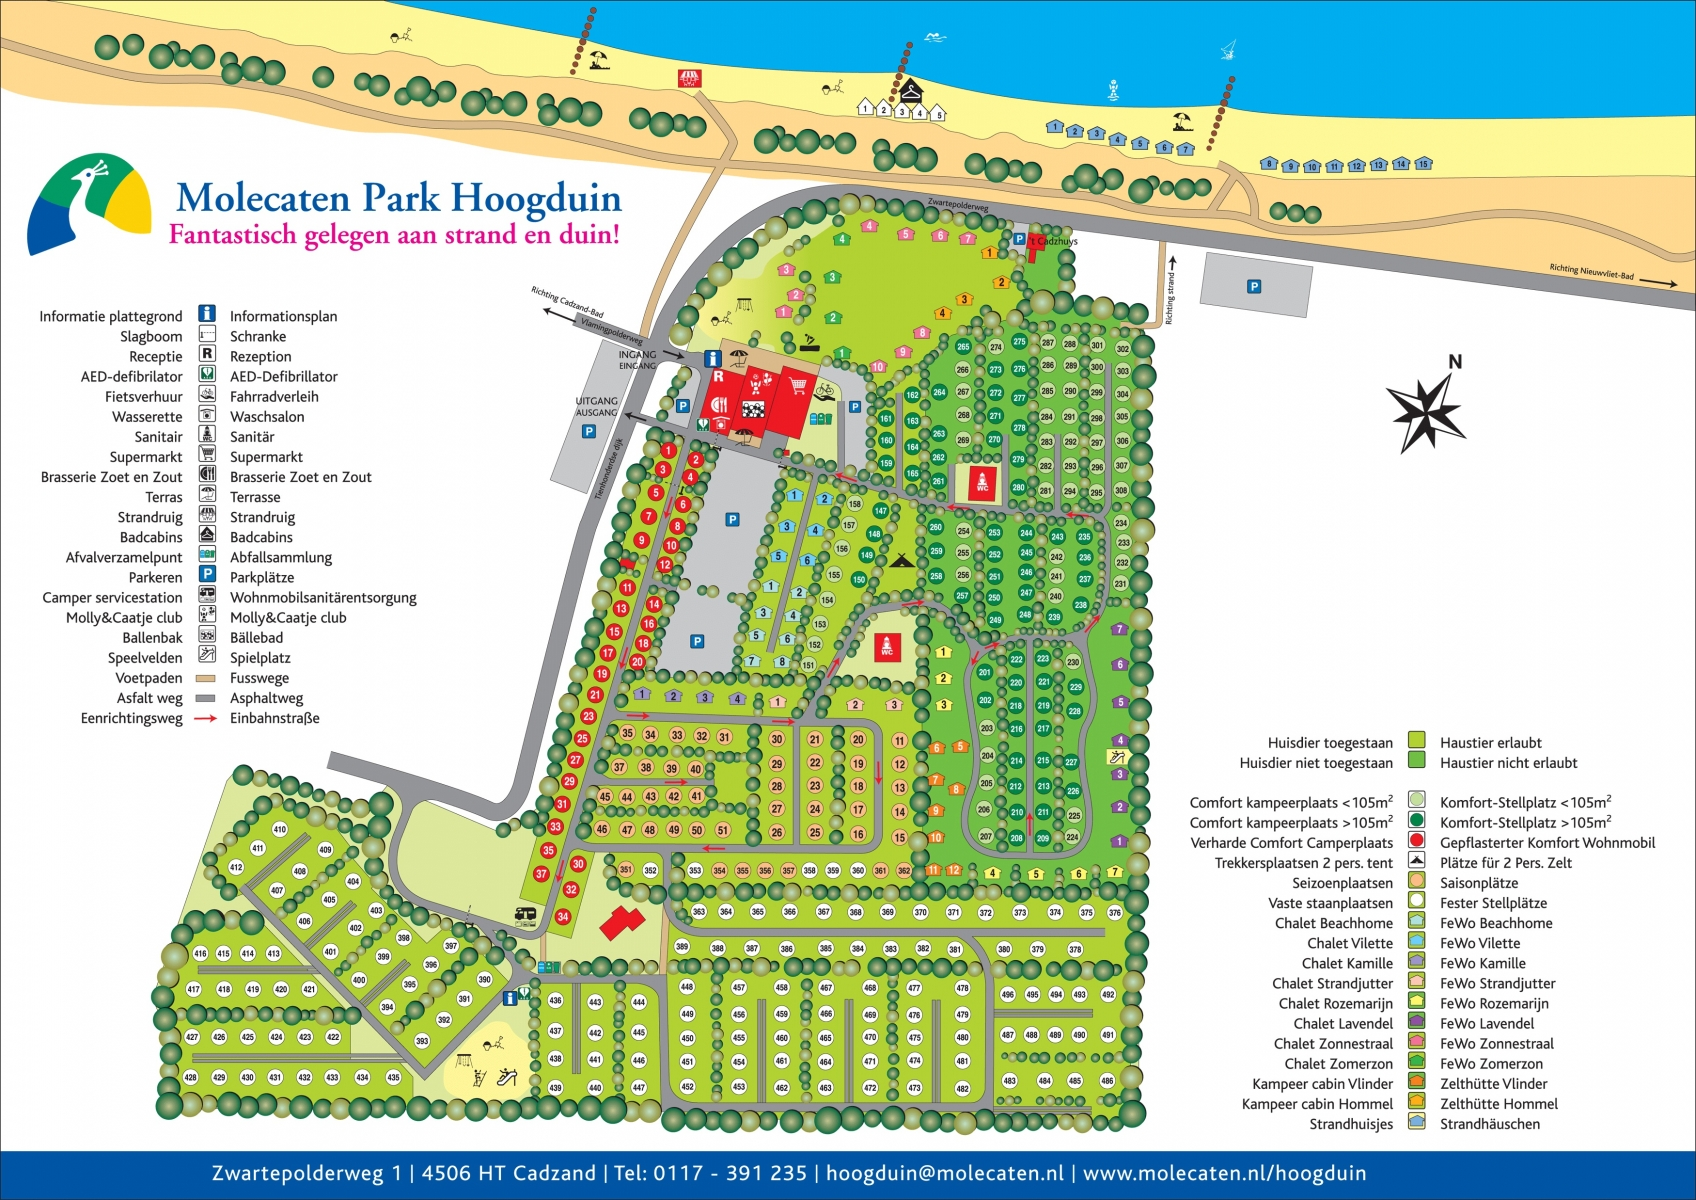 Molecaten Park Hoogduin